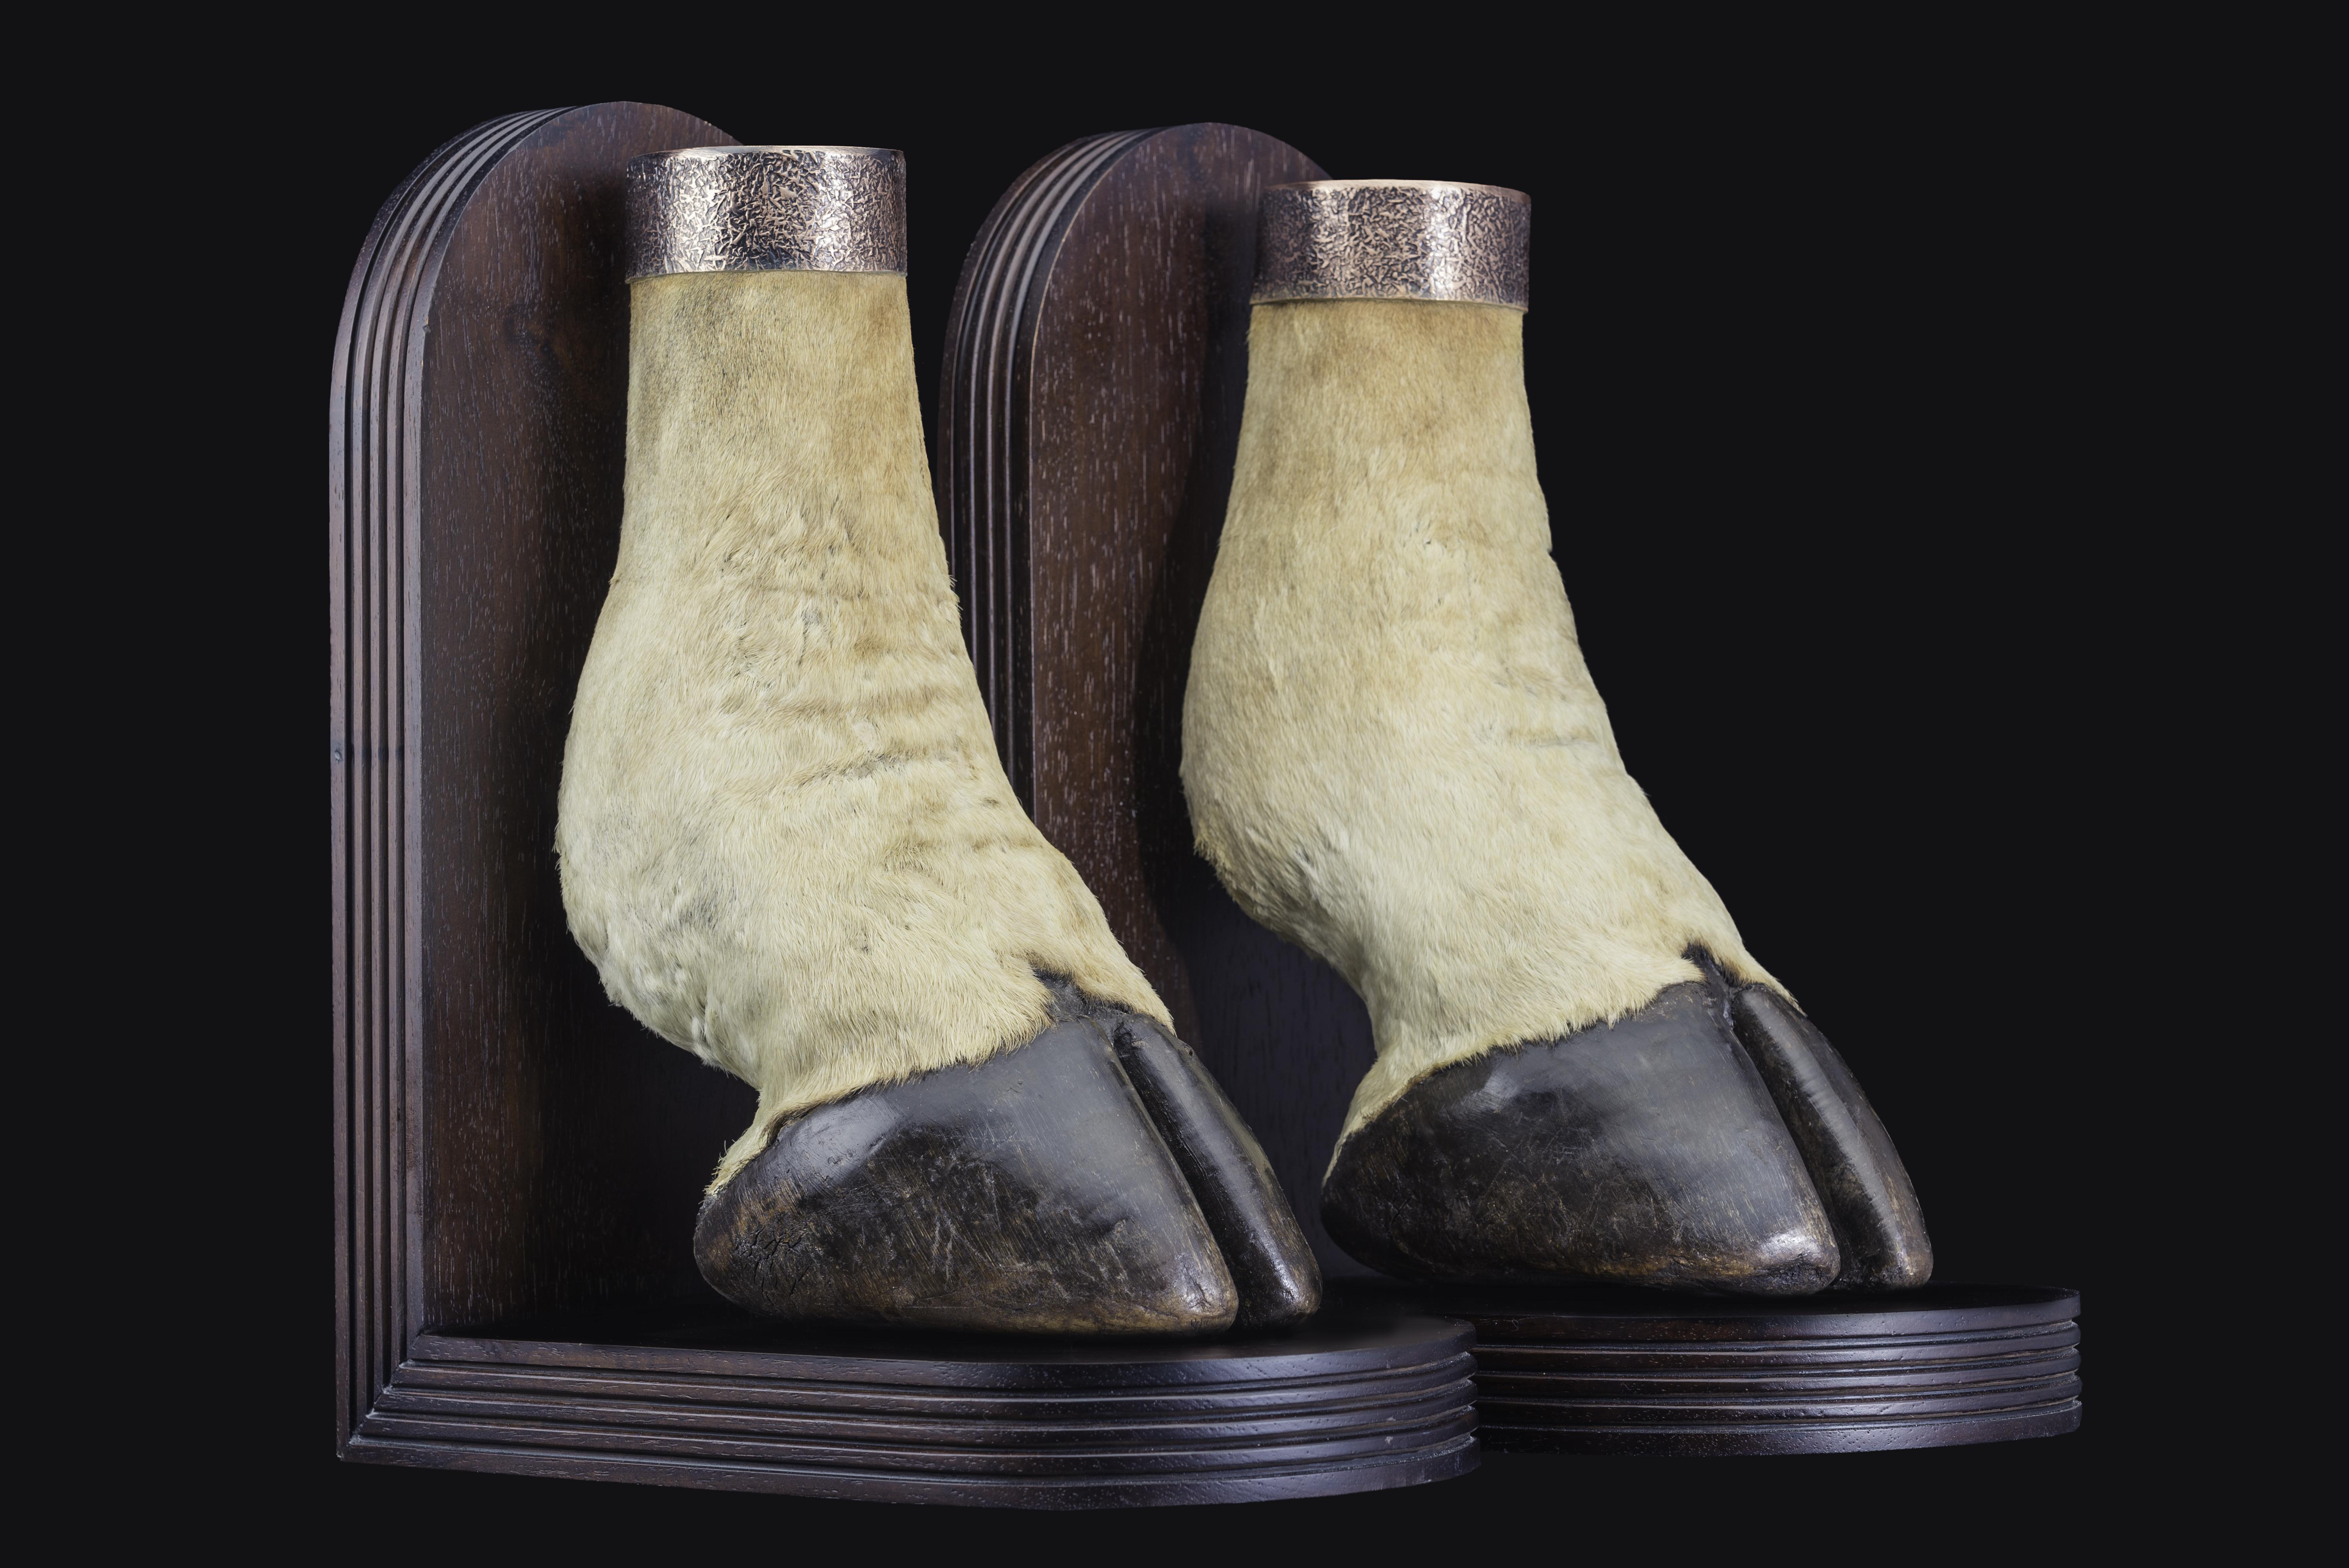 giraffe-feet-single-bookends-ff-046-jpeg-jpg.424567